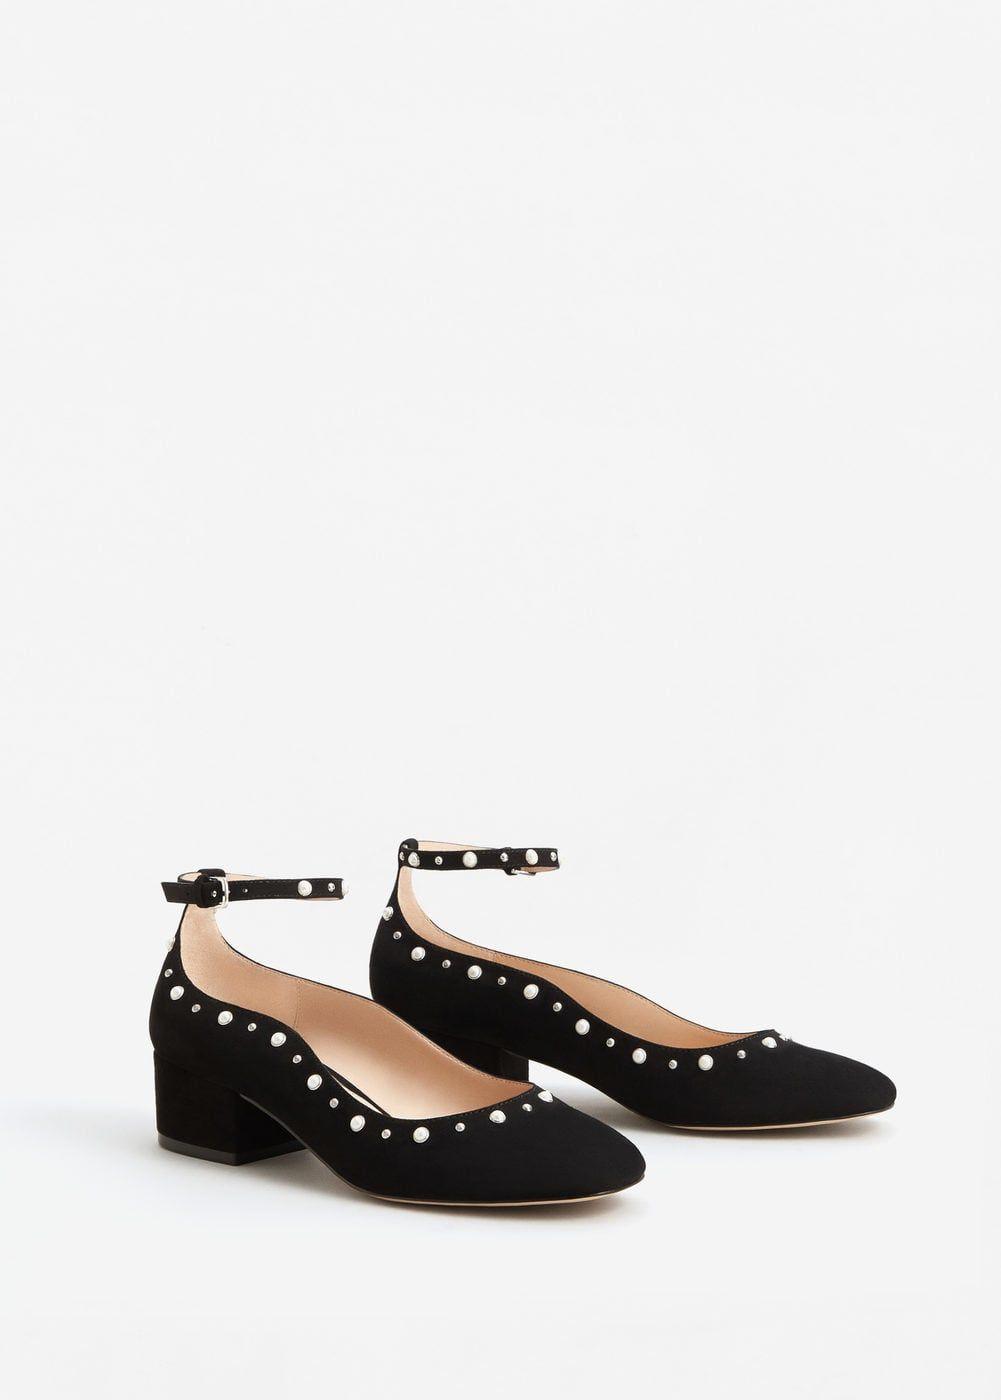 Zapatillas Azules con Detalle de Perlas - Foreva DIADORA Sneakers abotinadas mujer WEXFORD Zapatos de cordones hombre 5 grau kZ2Avoxg